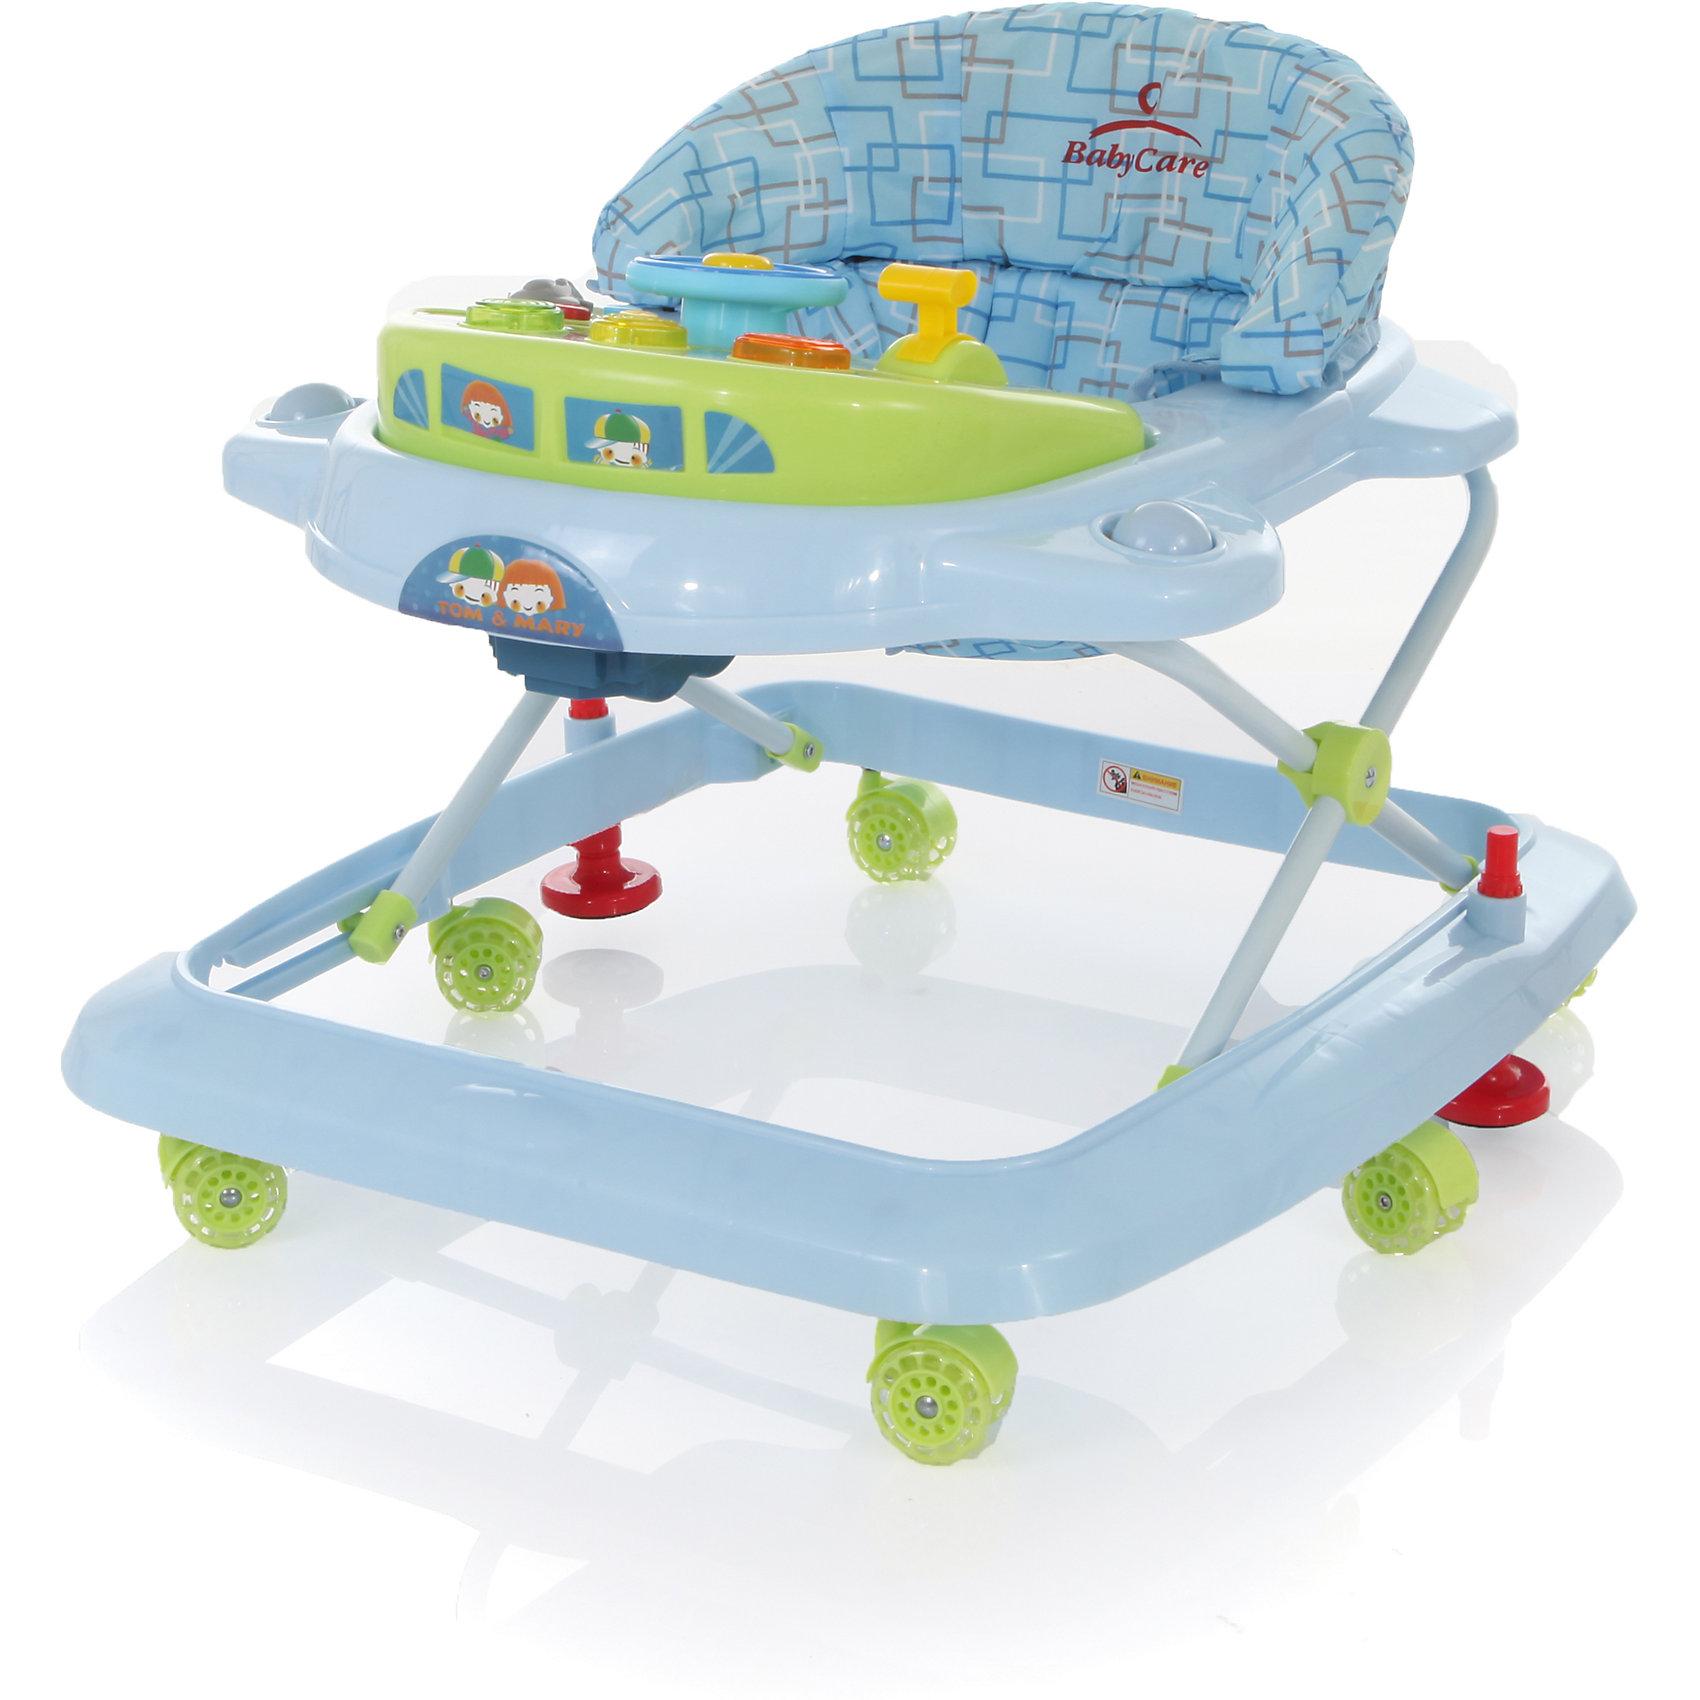 Ходунки Tom&amp;Mary, Baby Care, голубой/зелёныйХарактеристики ходунков Baby Care Tom&amp;Mary:<br><br>• свето-музыкальная игровая панель;<br>• сиденье мягкое, с жесткой спинкой и паховым ограничителем;<br>• чехлы съемные, стирка при температуре 30 градусов;<br>• высота сиденья регулируется в 3-х положениях;<br>• защита от произвольного складывания;<br>• сдвоенные поворотные колеса, 6 пар, стопоры, материал – силикон;<br>• тип складывания ходунков: гармошка;<br>• материал каркаса: пластик, материал сиденья: 65% полиэстер и 35% хлопок, сиденье моющееся;<br>• размер ходунков в разложенном виде: 64х59х52 см;<br>• размер ходунков в сложенном виде: 64х59х25 см;<br>• вес ходунков: 2,8 кг;<br>• допустимый вес ребенка: до 12 кг;<br>• возраст ребенка: от 6 до 18 месяцев;<br>• размер упаковки: 59,5x65,5x13 см;<br>• вес упаковки: 3,8 кг.<br><br>Устойчивая конструкция ходунков Baby Care Tom&amp;Mary позволяет полностью обезопасить кроху от опрокидывания, когда малыш находится в креслице ходунков. Съемная музыкальная панель развивает логическое мышление, слуховое восприятие. Складная и компактная модель – ходунки удобно хранить в сложенном виде, не занимают много места. <br><br>Ходунки Tom&amp;Mary, Baby Care, голубой/зелёный можно купить в нашем интернет-магазине.<br><br>Ширина мм: 600<br>Глубина мм: 600<br>Высота мм: 130<br>Вес г: 4000<br>Возраст от месяцев: 6<br>Возраст до месяцев: 18<br>Пол: Унисекс<br>Возраст: Детский<br>SKU: 3950026